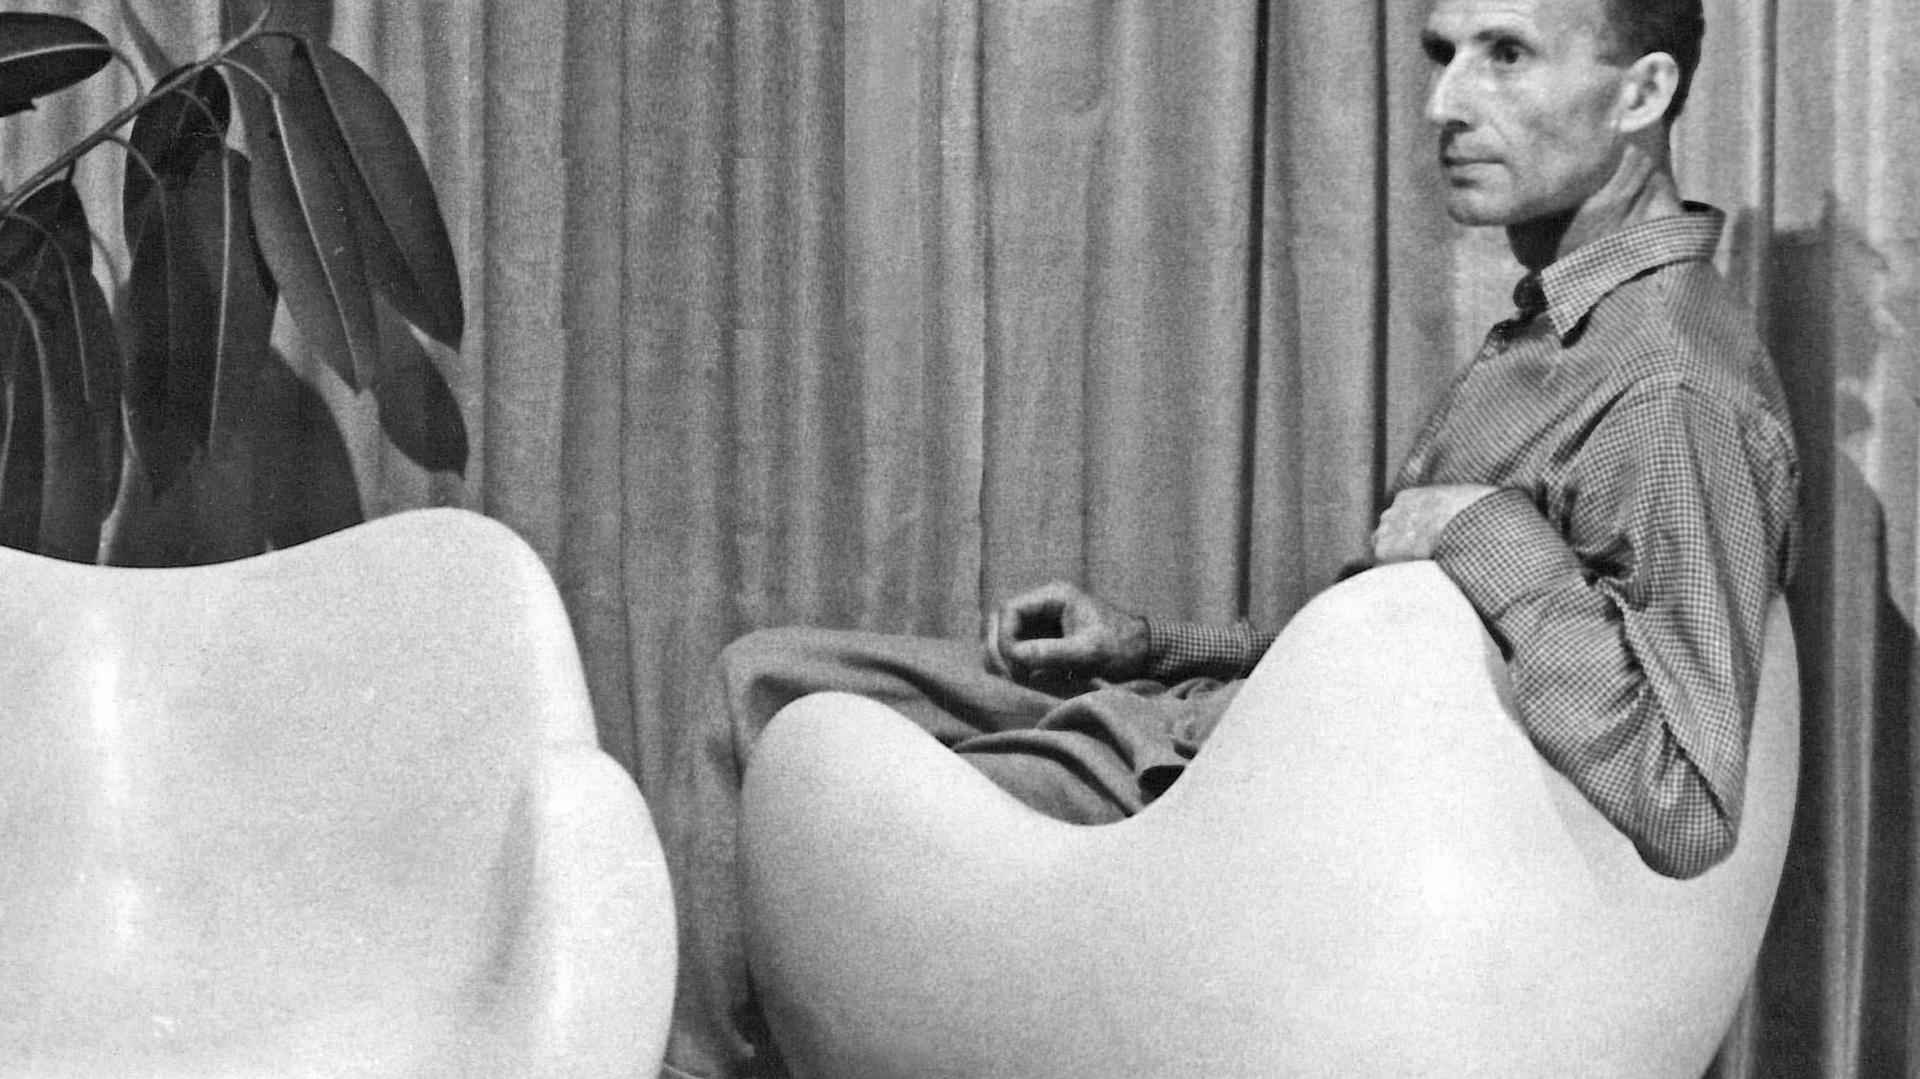 Projektant, Roman Modzelewski na swoim legendarnym fotelu 58. Fot. Archiwum